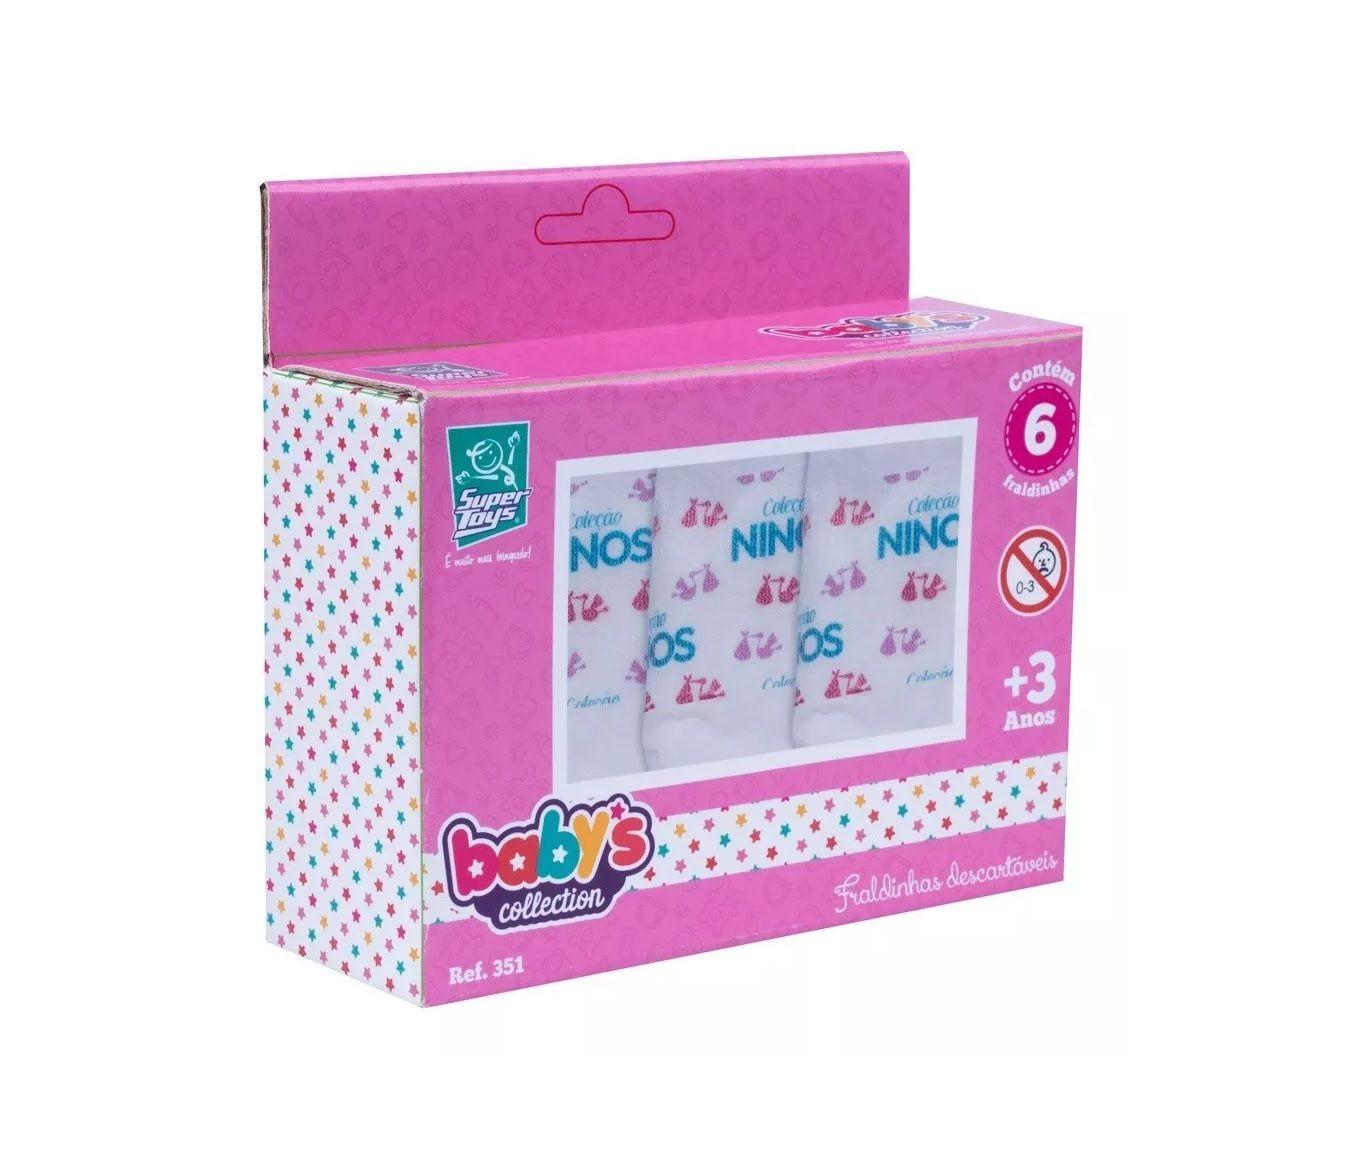 Fraldinhas Descartáveis Baby's Collection com 6 - Super Toys